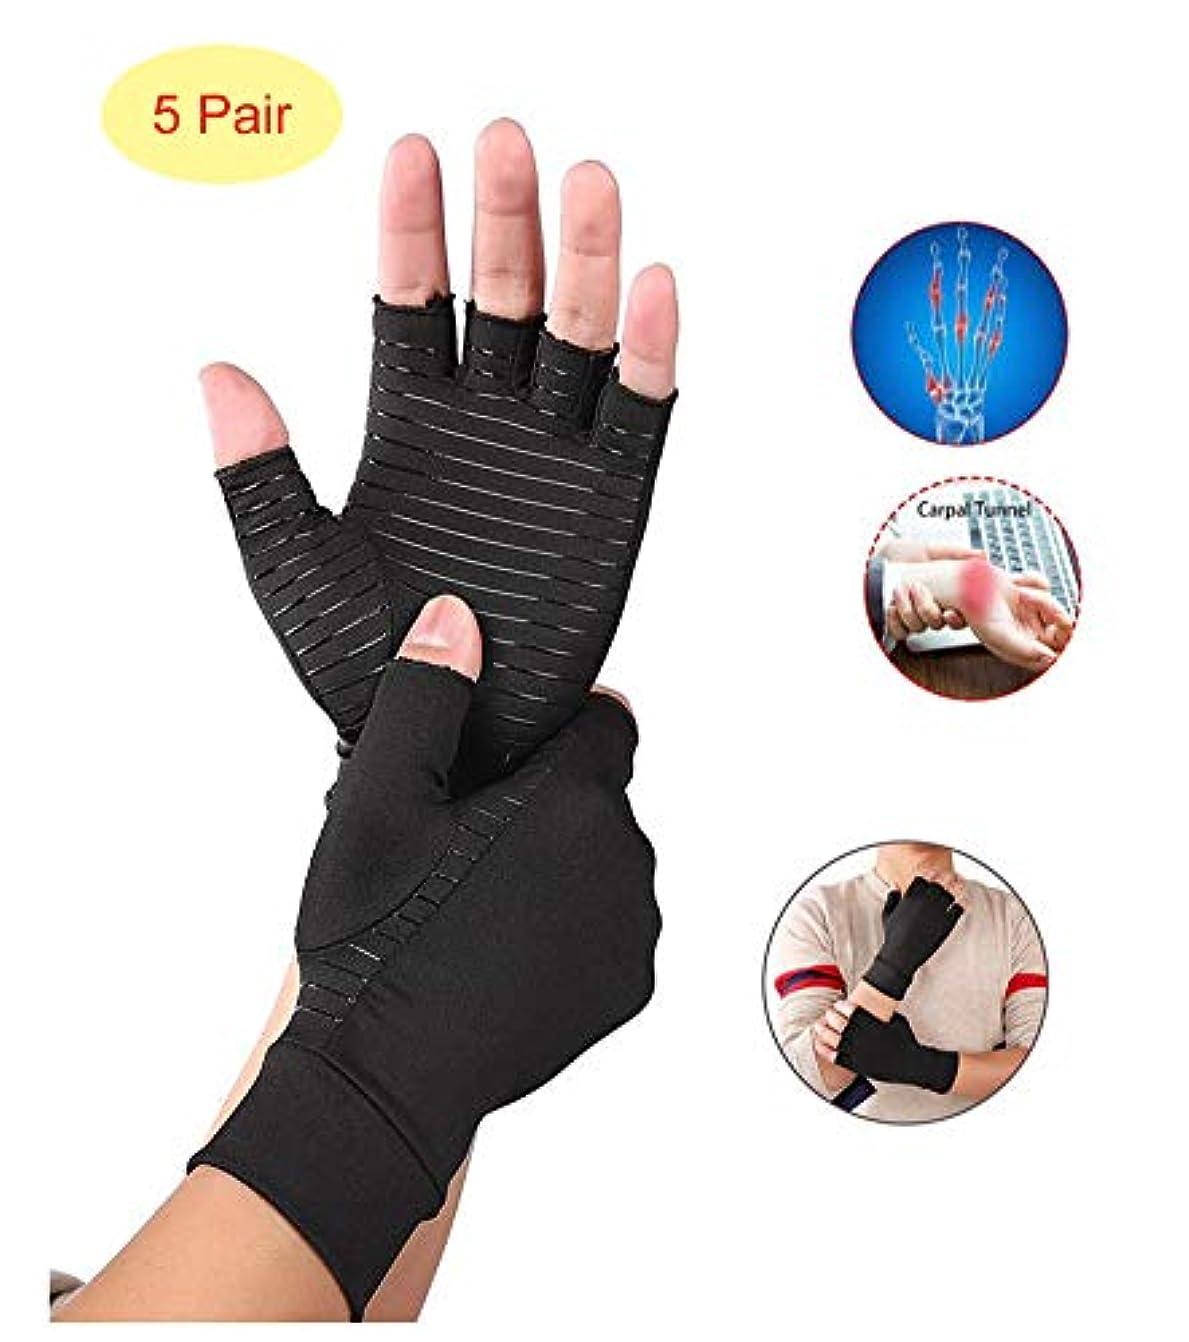 予備収容する消費者関節炎手袋、5ペア、毎日の仕事、手、関節の痛みを和らげるための関節炎対策療法の圧縮手袋,M